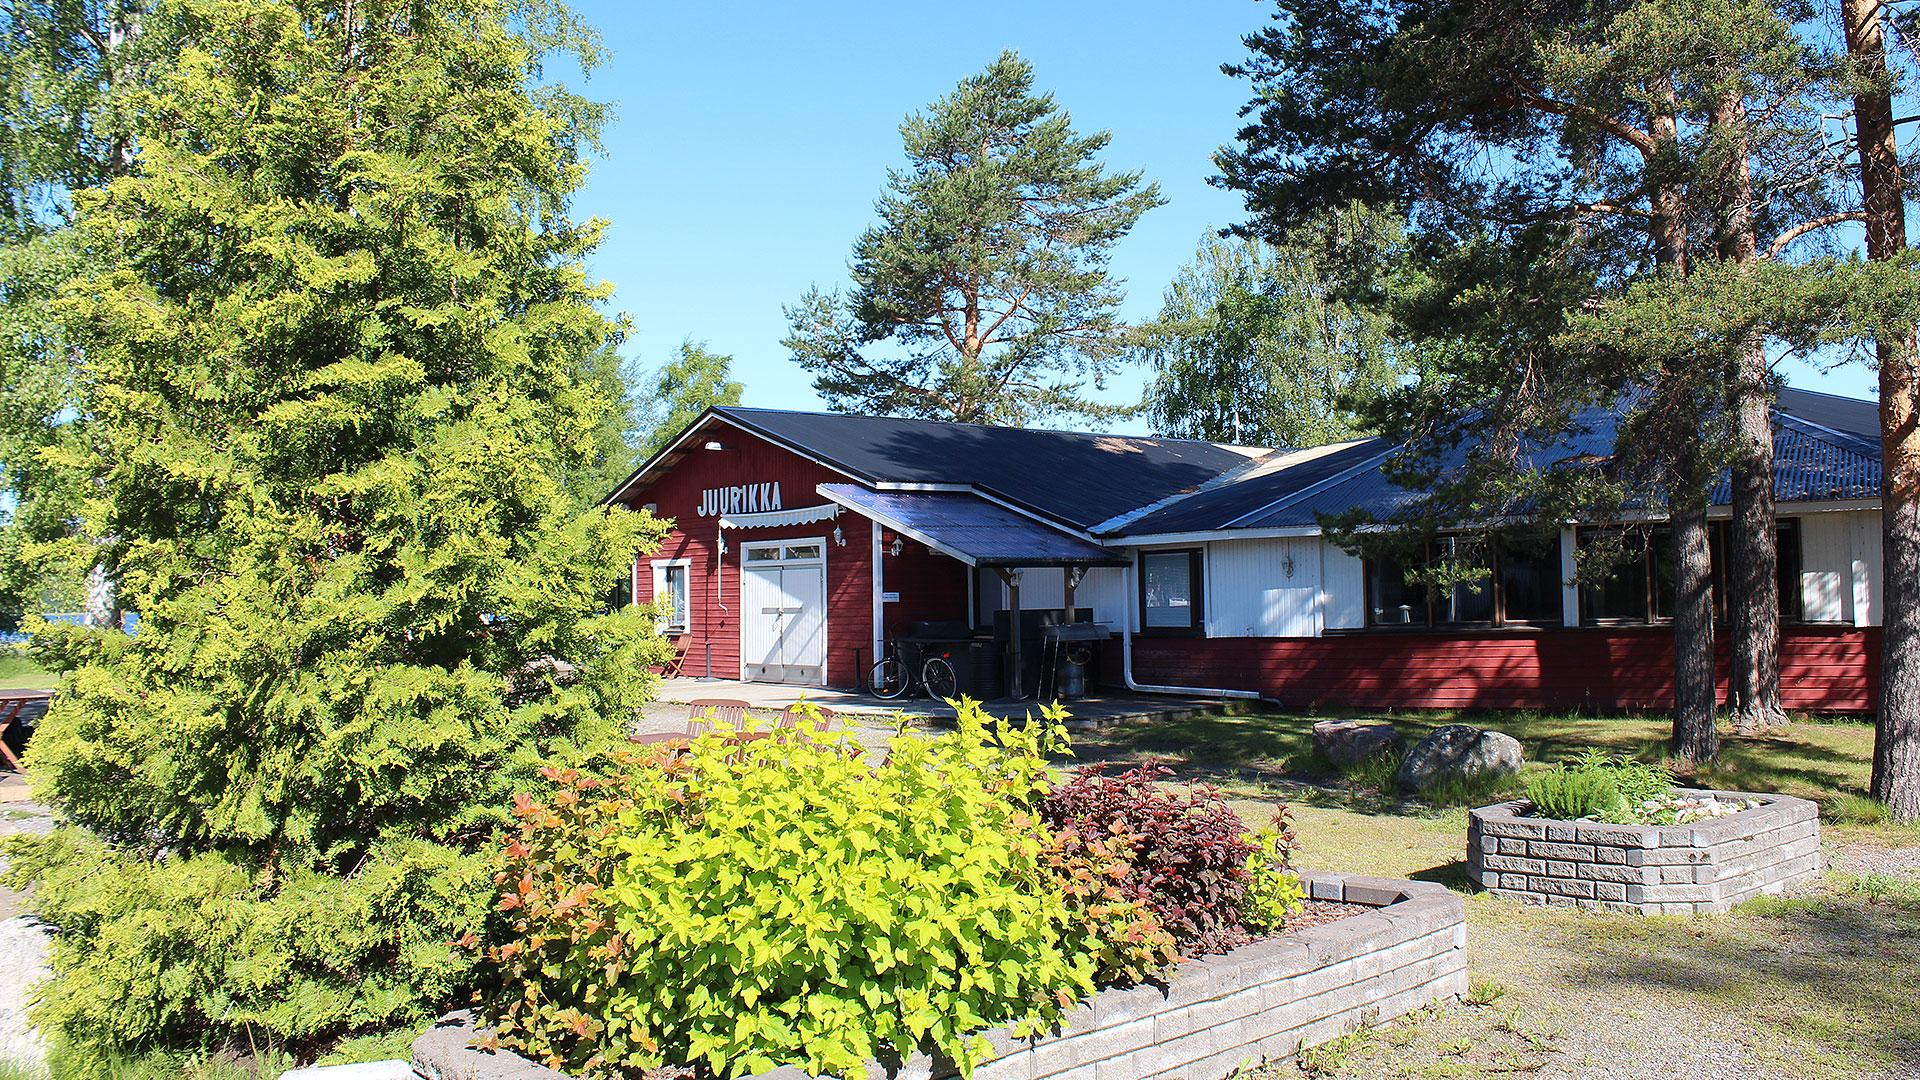 Juhlatalo Juurikkasaari